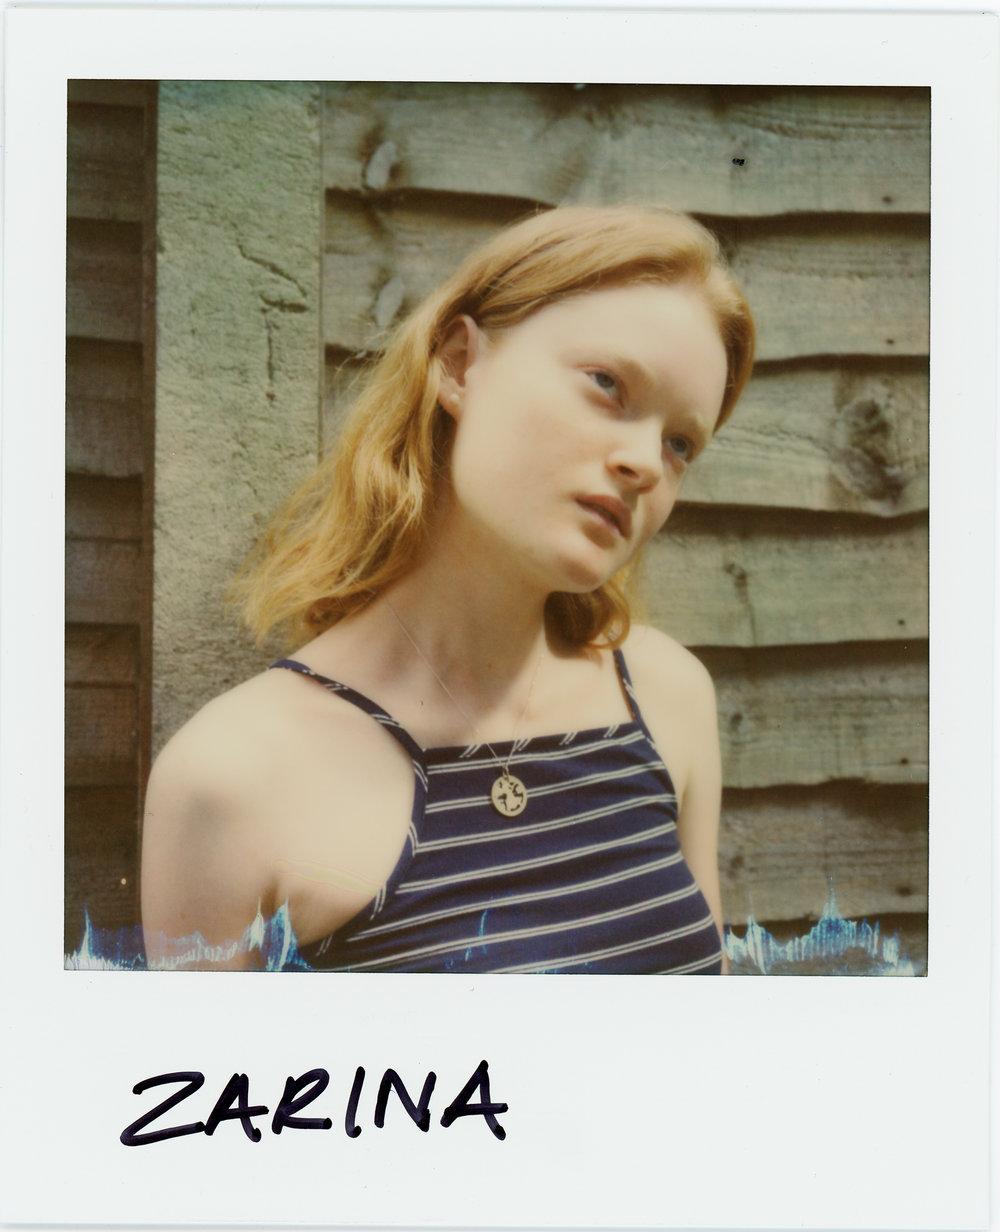 Zarina_Pola.jpg